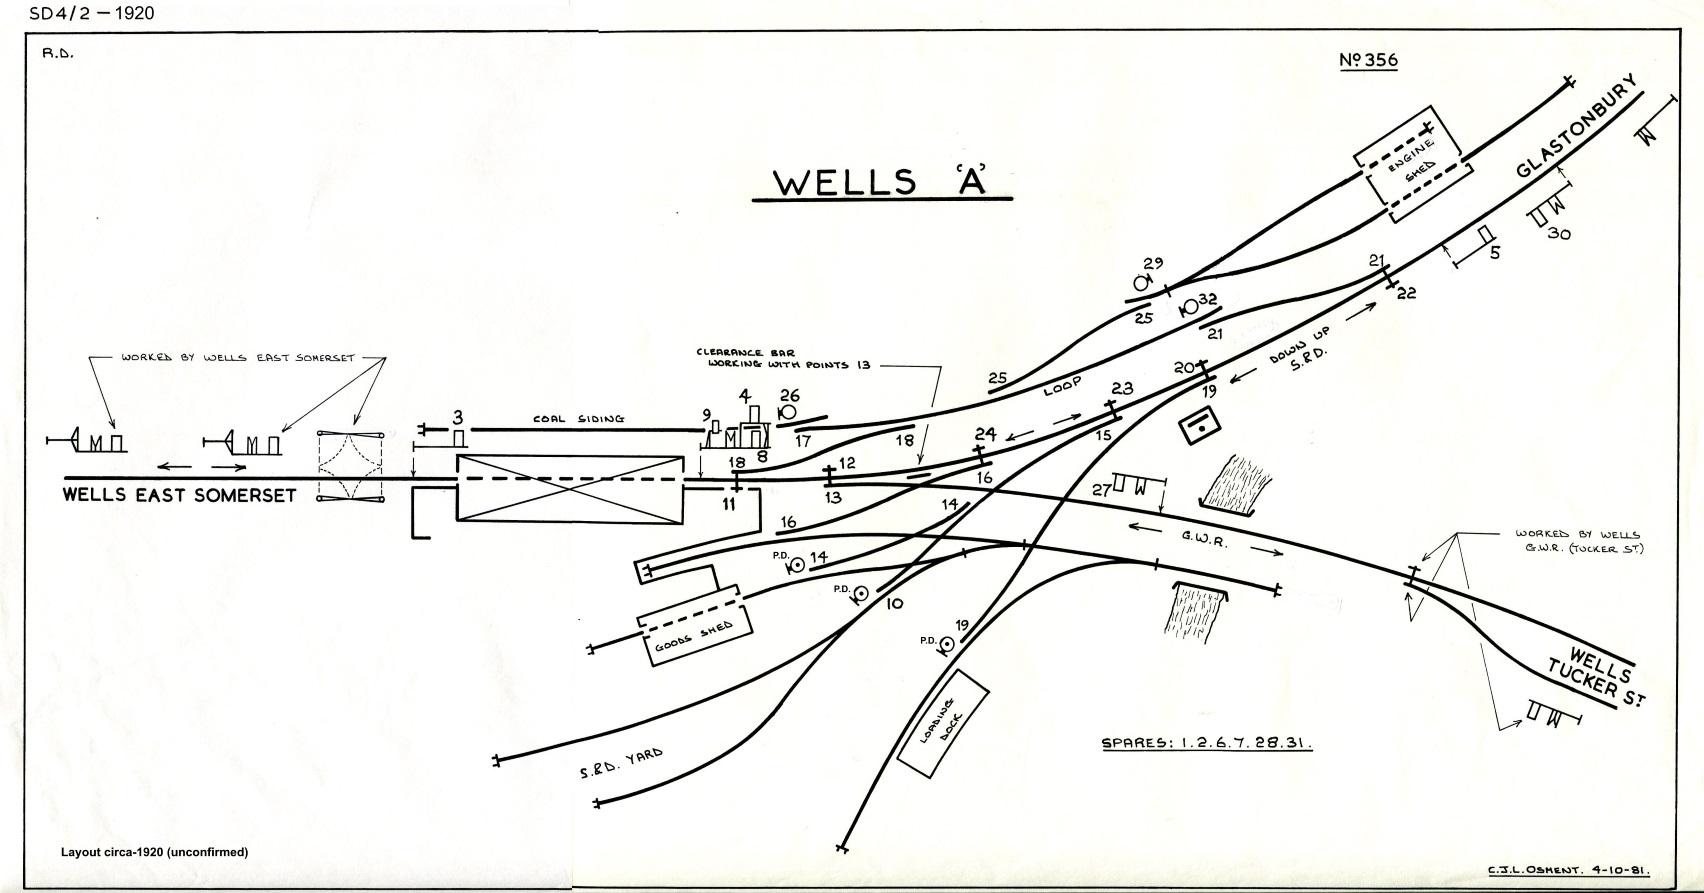 Wells A Signal Diagram Circa